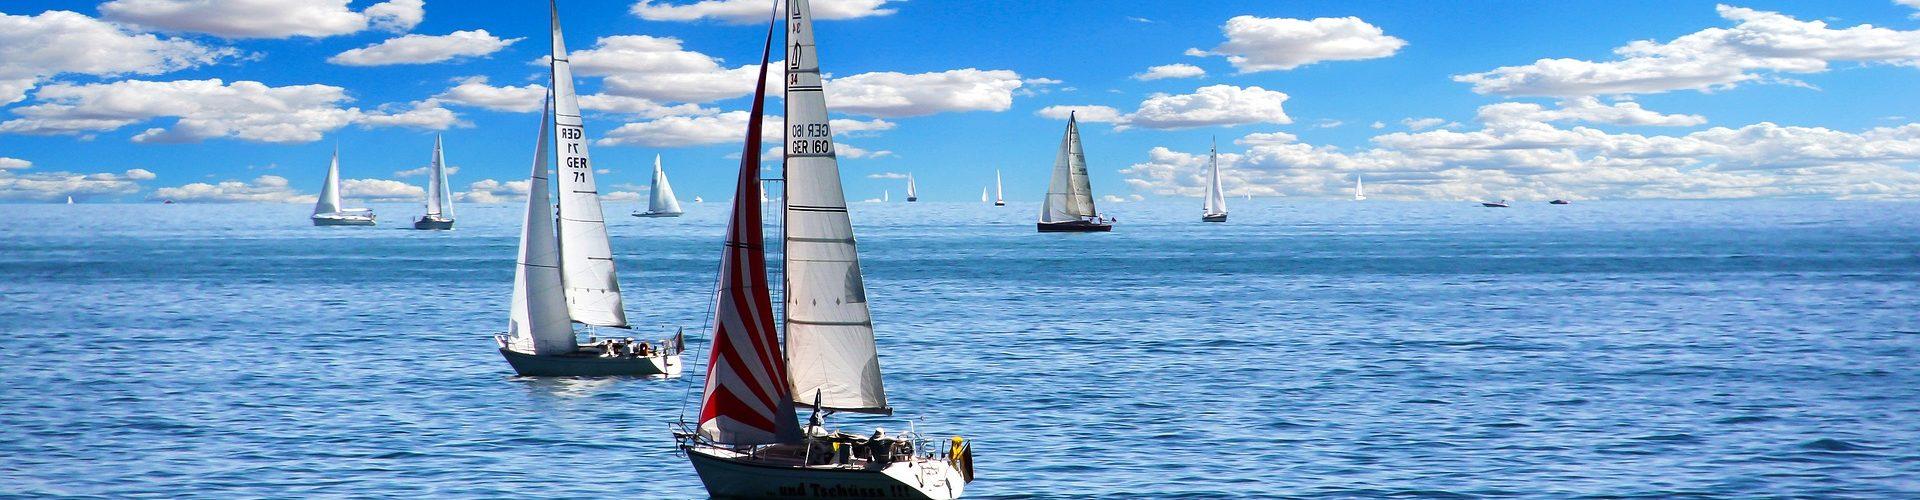 segeln lernen in Marktbreit segelschein machen in Marktbreit 1920x500 - Segeln lernen in Marktbreit